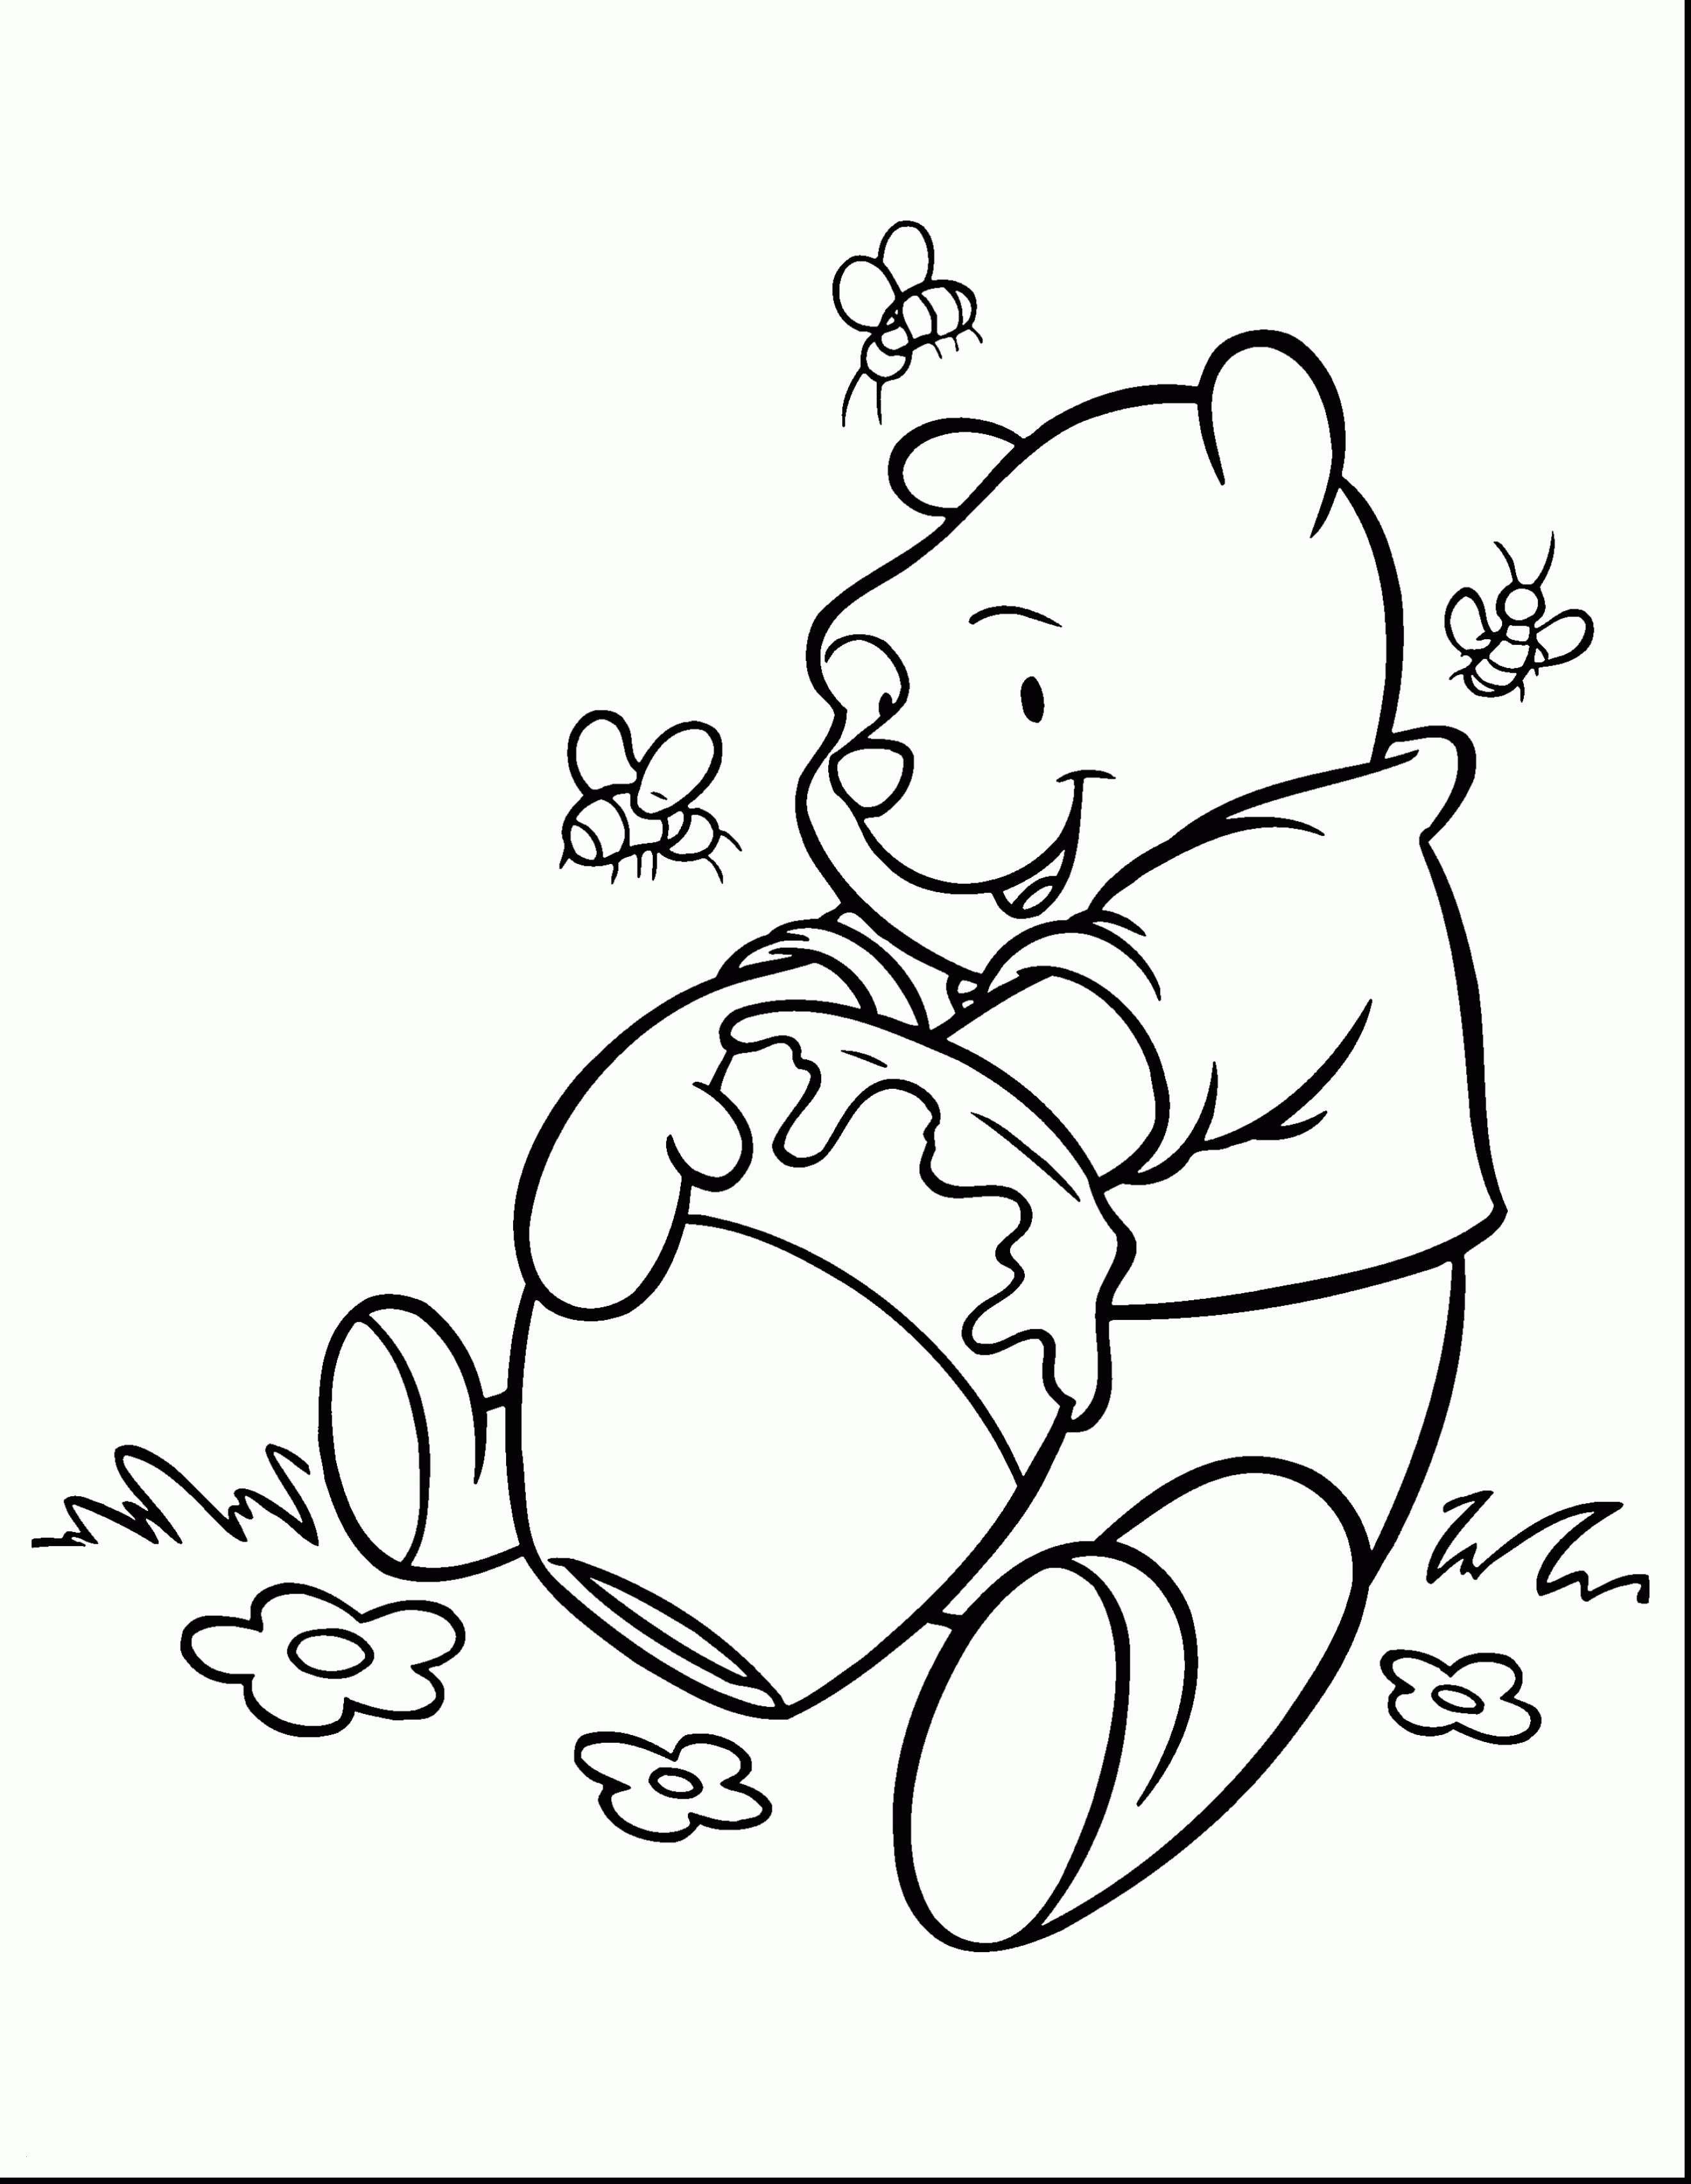 Ausmalbilder Winnie Pooh Das Beste Von Ausmalbilder Winnie Pooh Genial Winnie the Pooh Christmas Coloring Das Bild